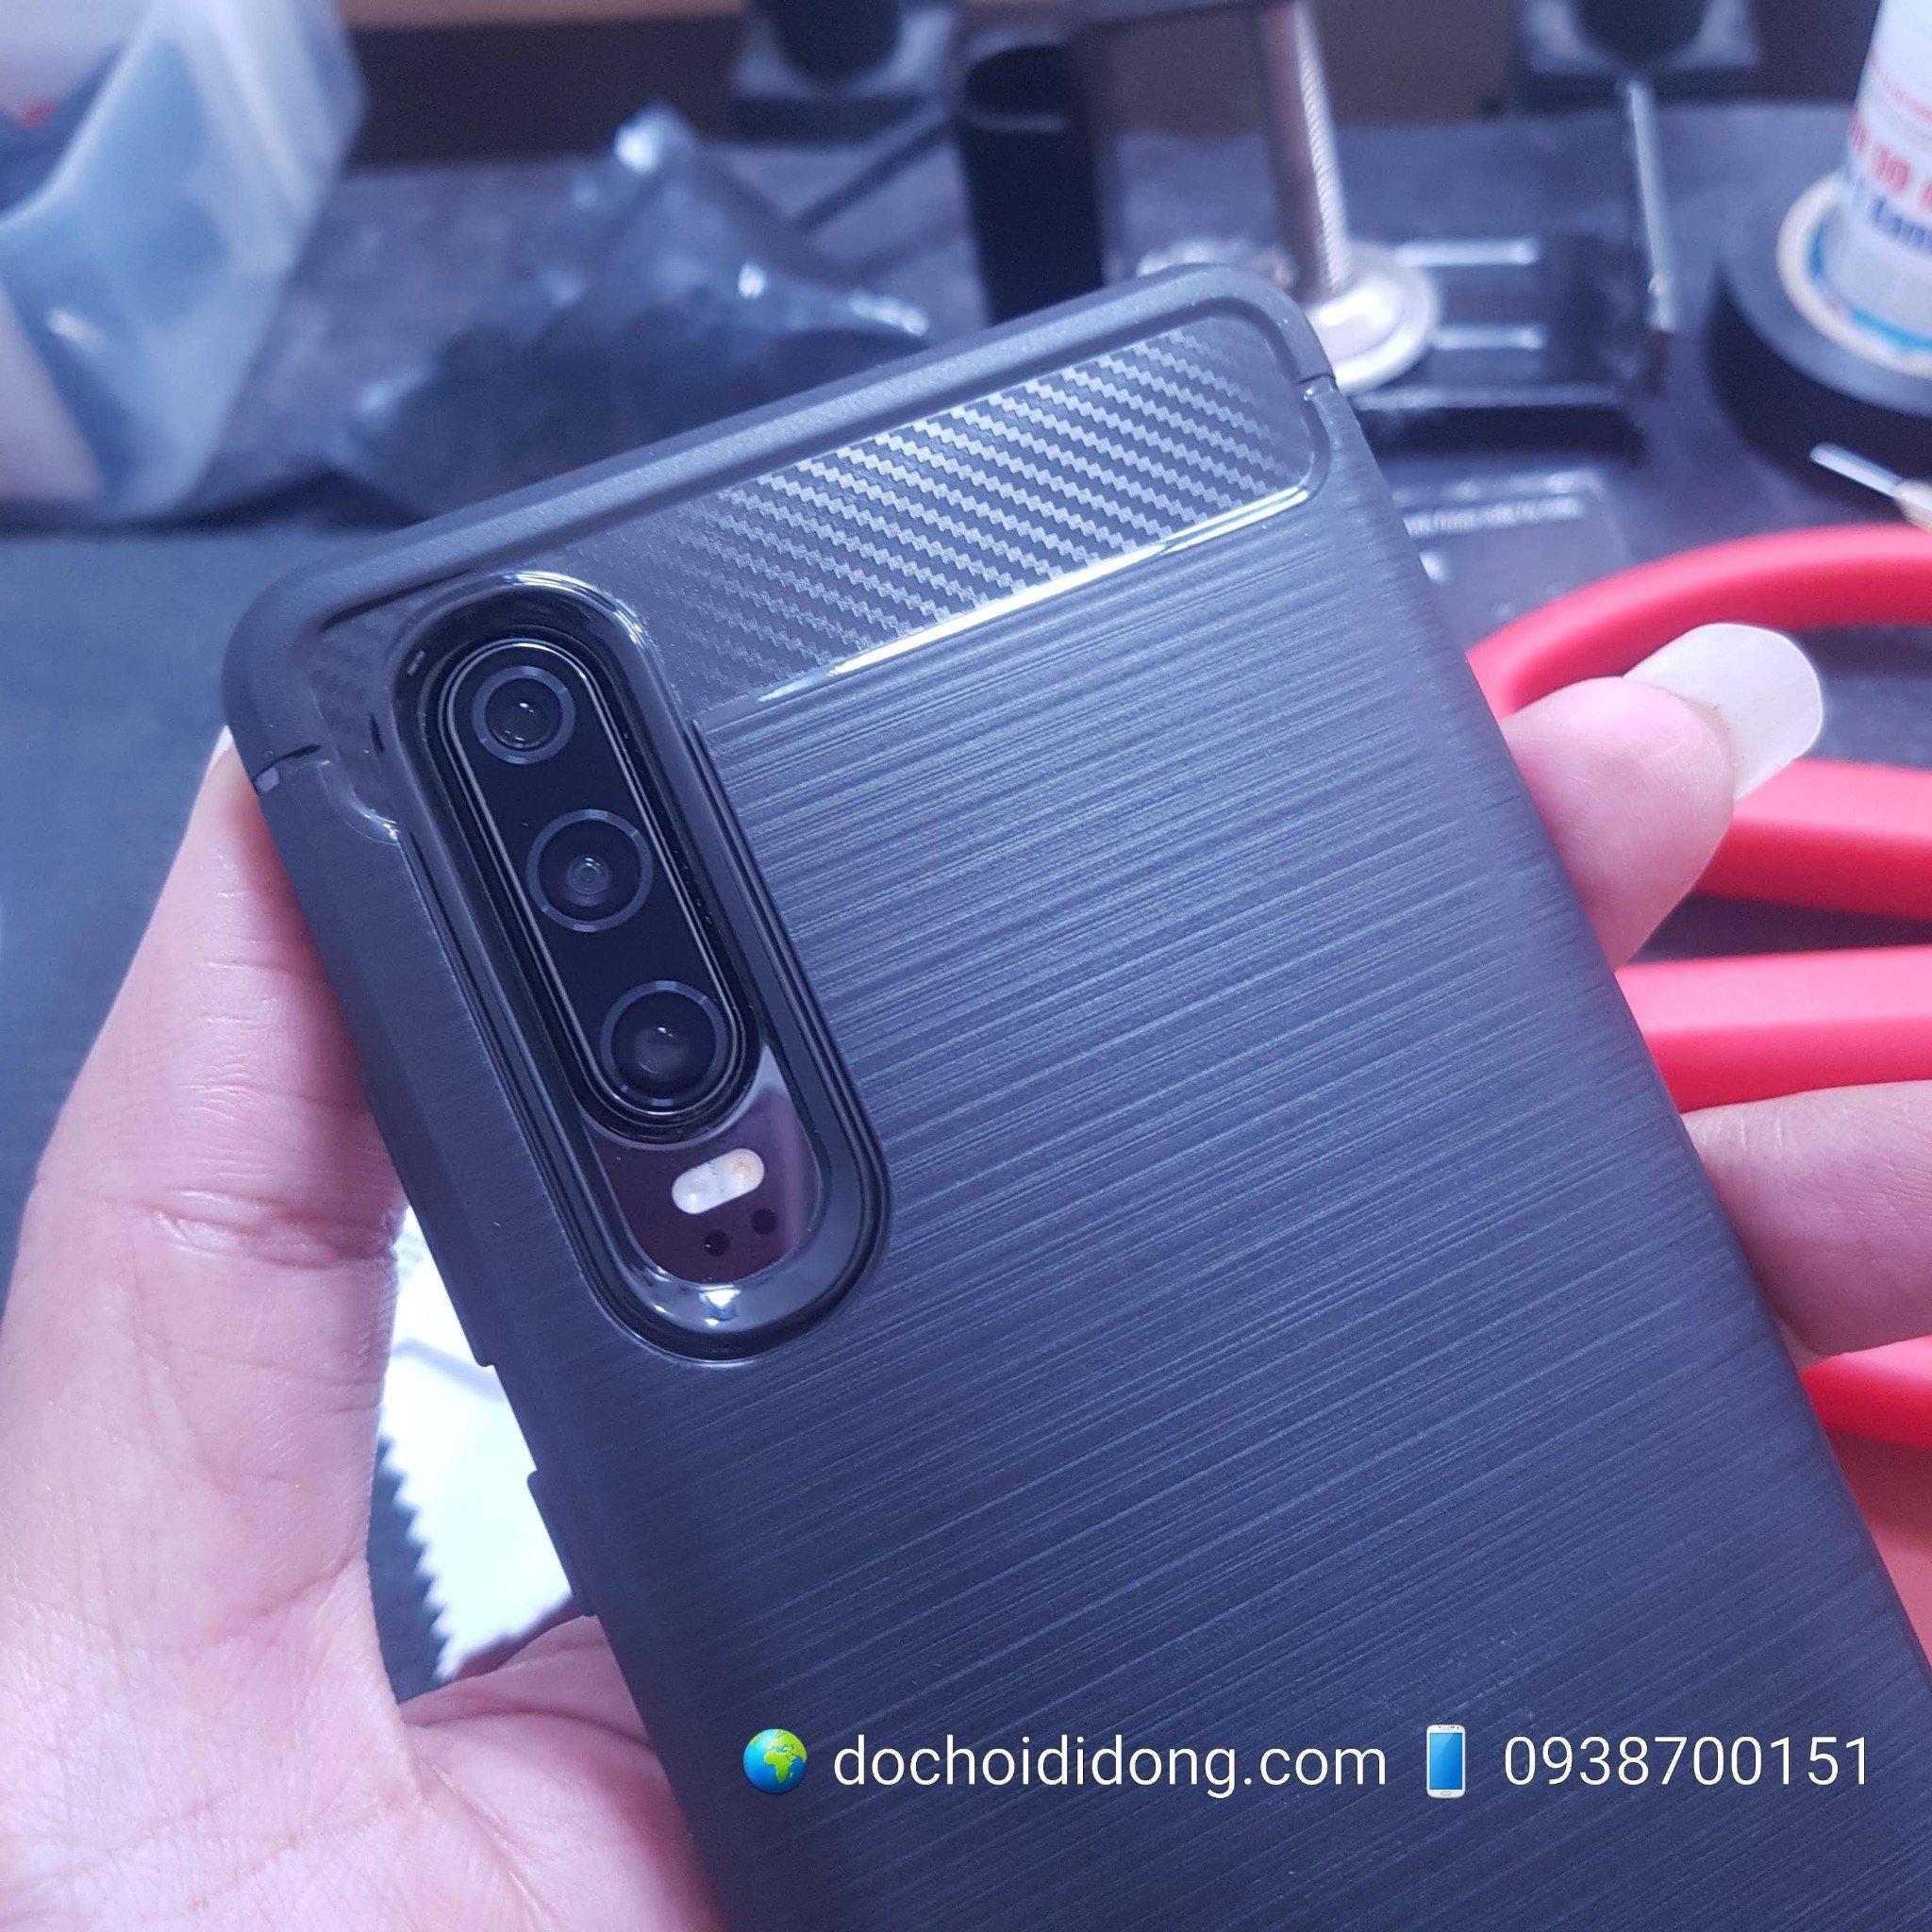 Ốp Lưng Huawei P30 Likgus Chống Sốc Vân Kim Loại